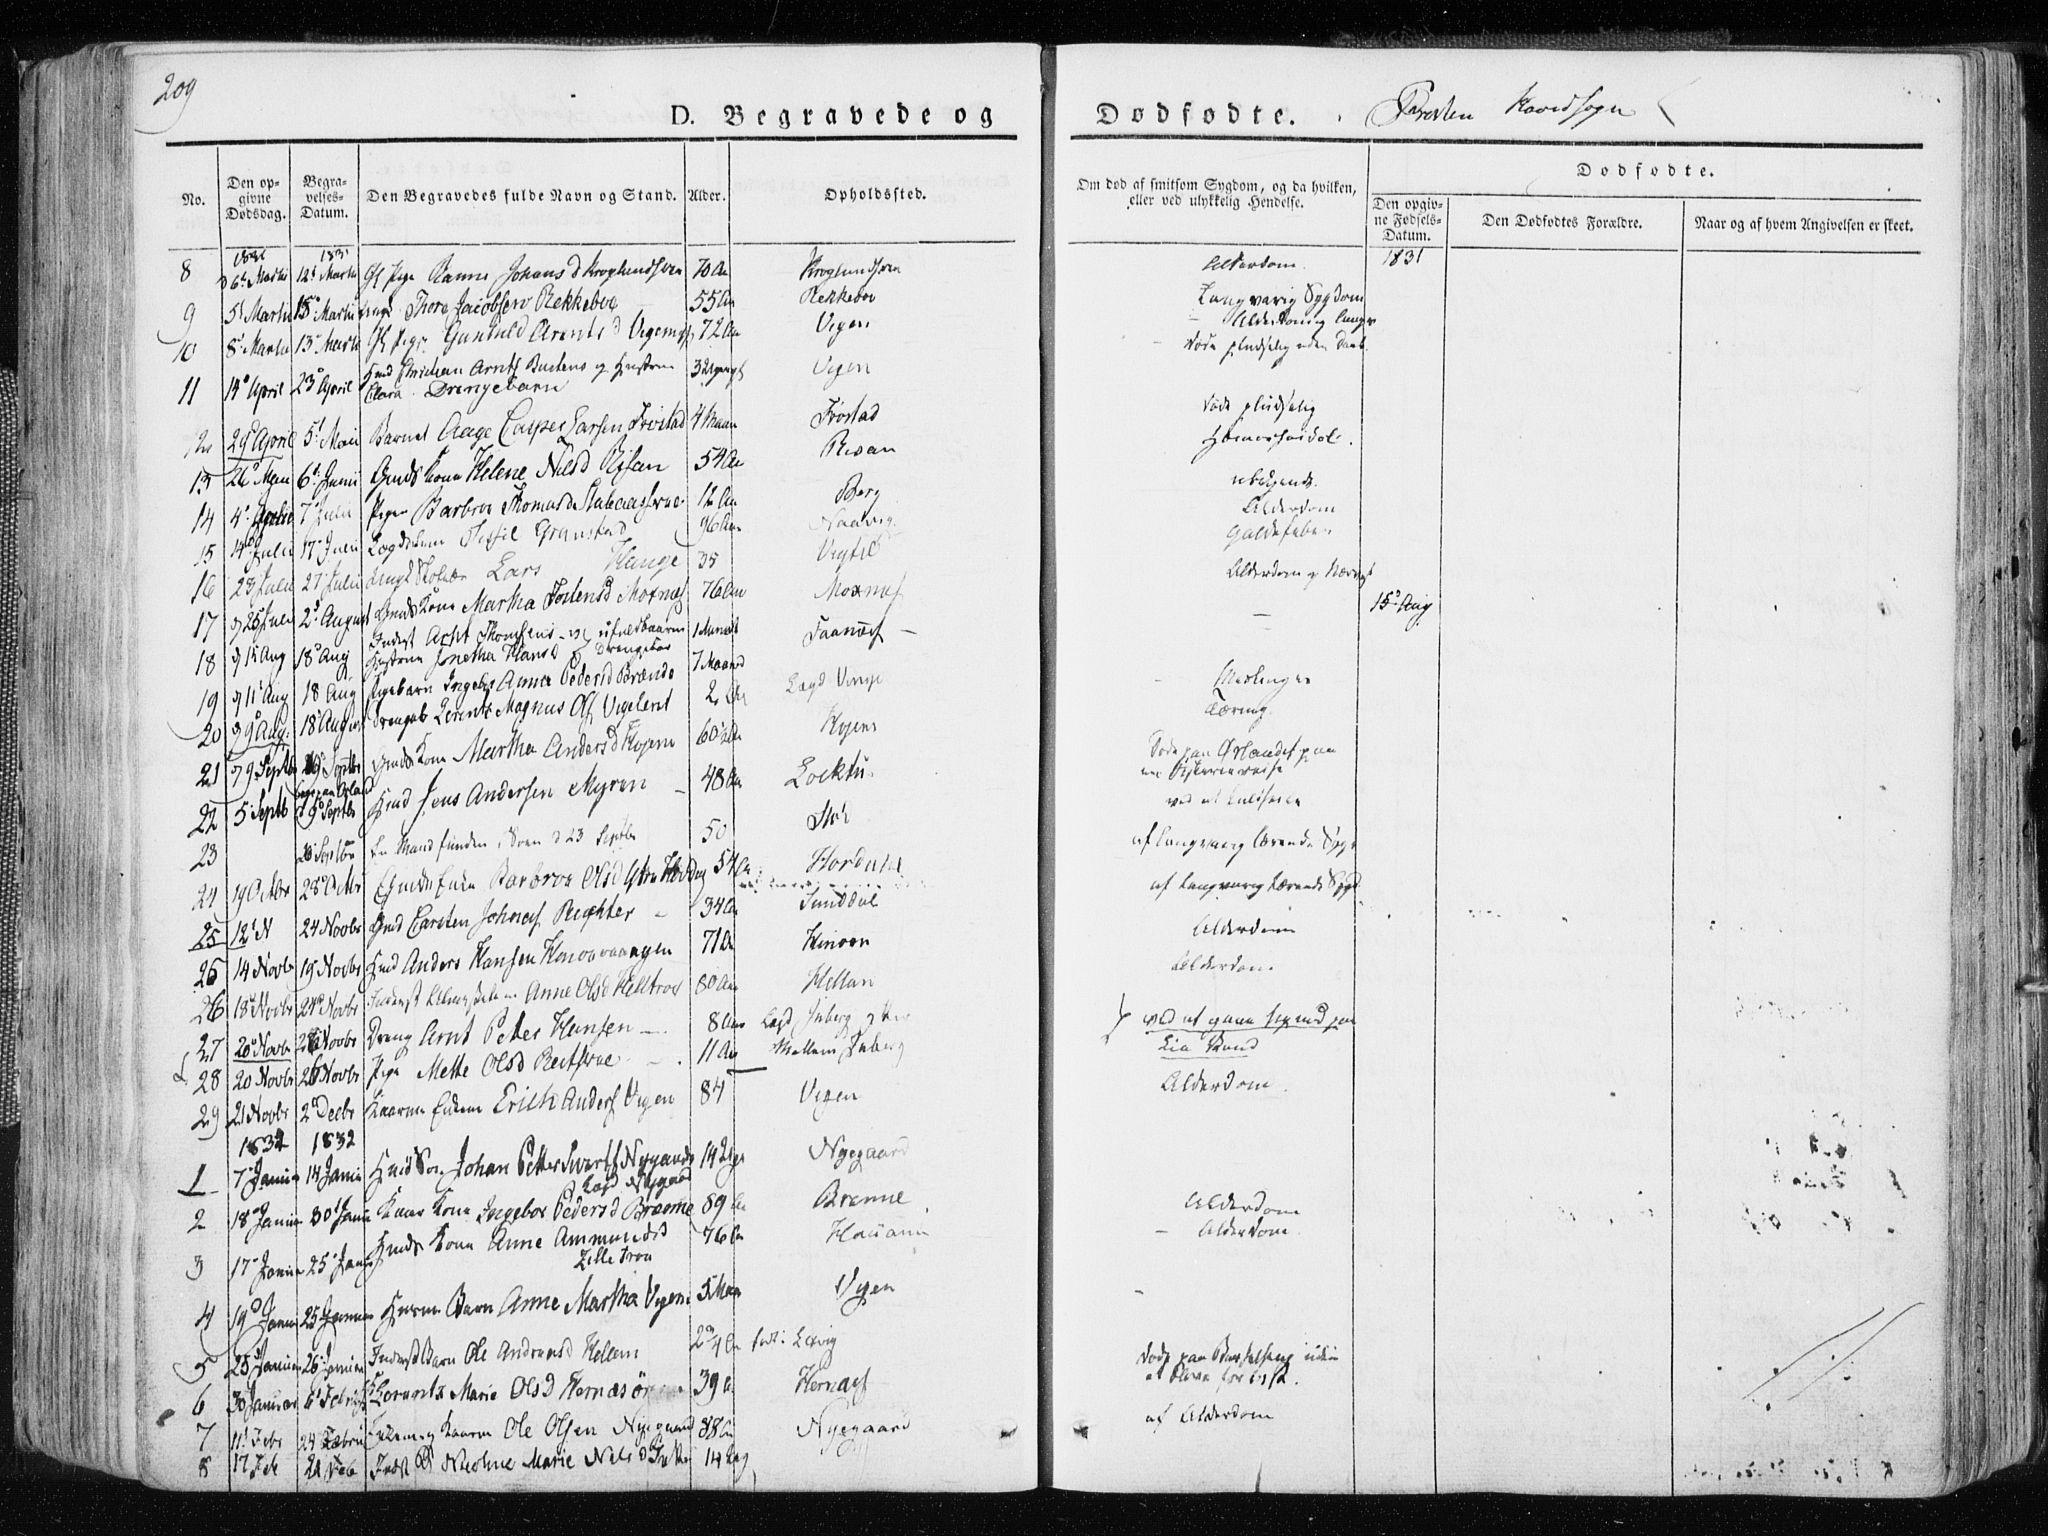 SAT, Ministerialprotokoller, klokkerbøker og fødselsregistre - Nord-Trøndelag, 713/L0114: Ministerialbok nr. 713A05, 1827-1839, s. 209